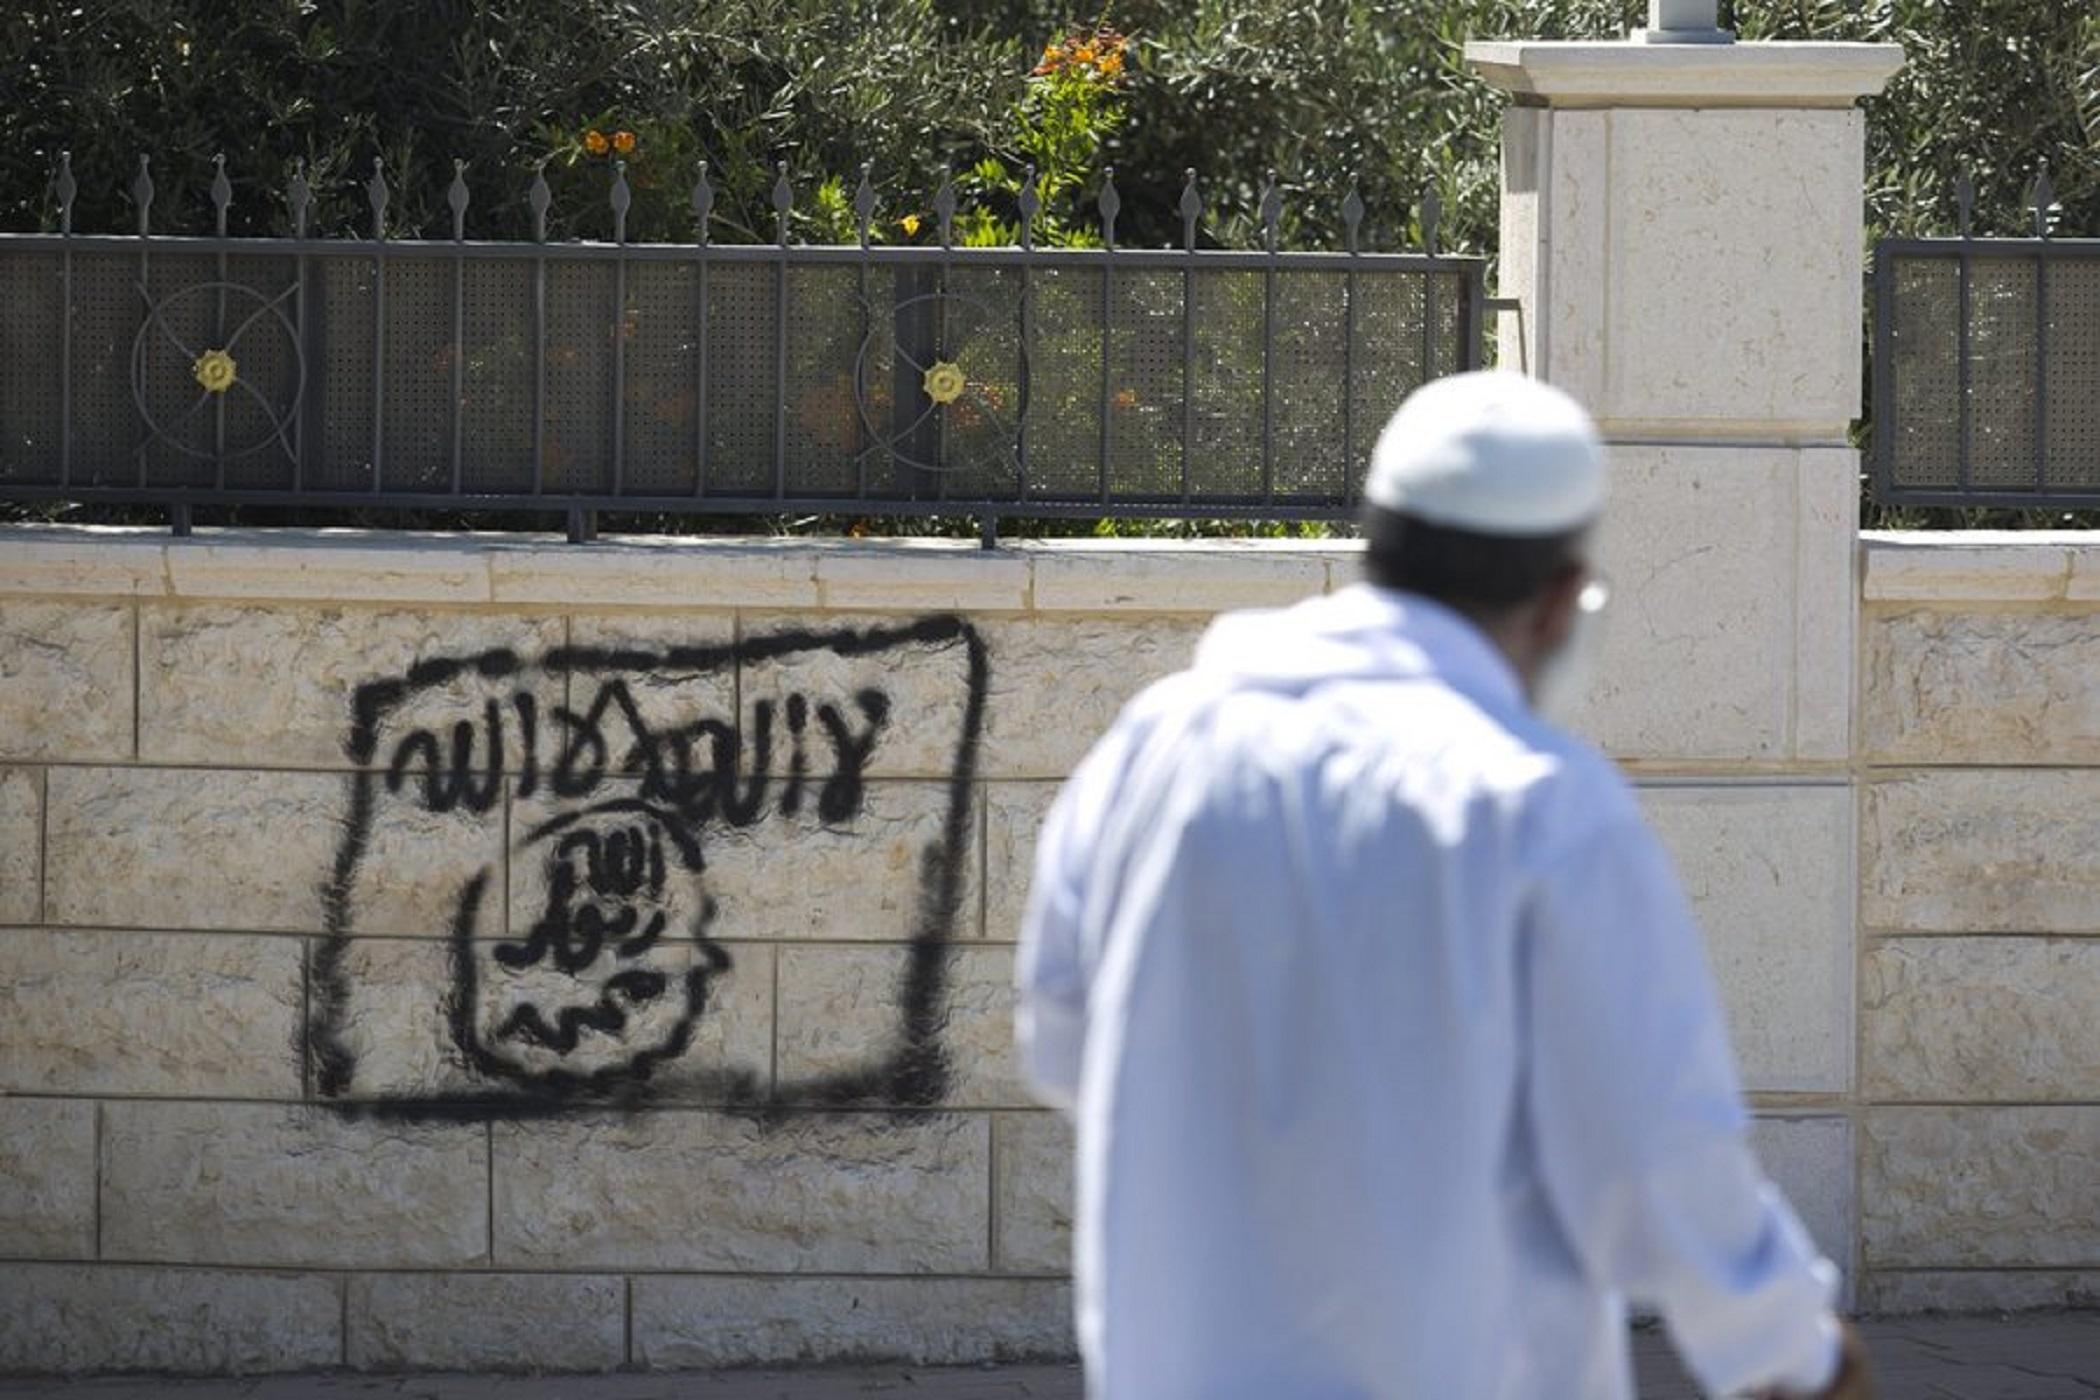 Ανατριχιαστικό μήνυμα των τζιχαντιστών! Καλούν σε πόλεμο κατά των Εβραίων